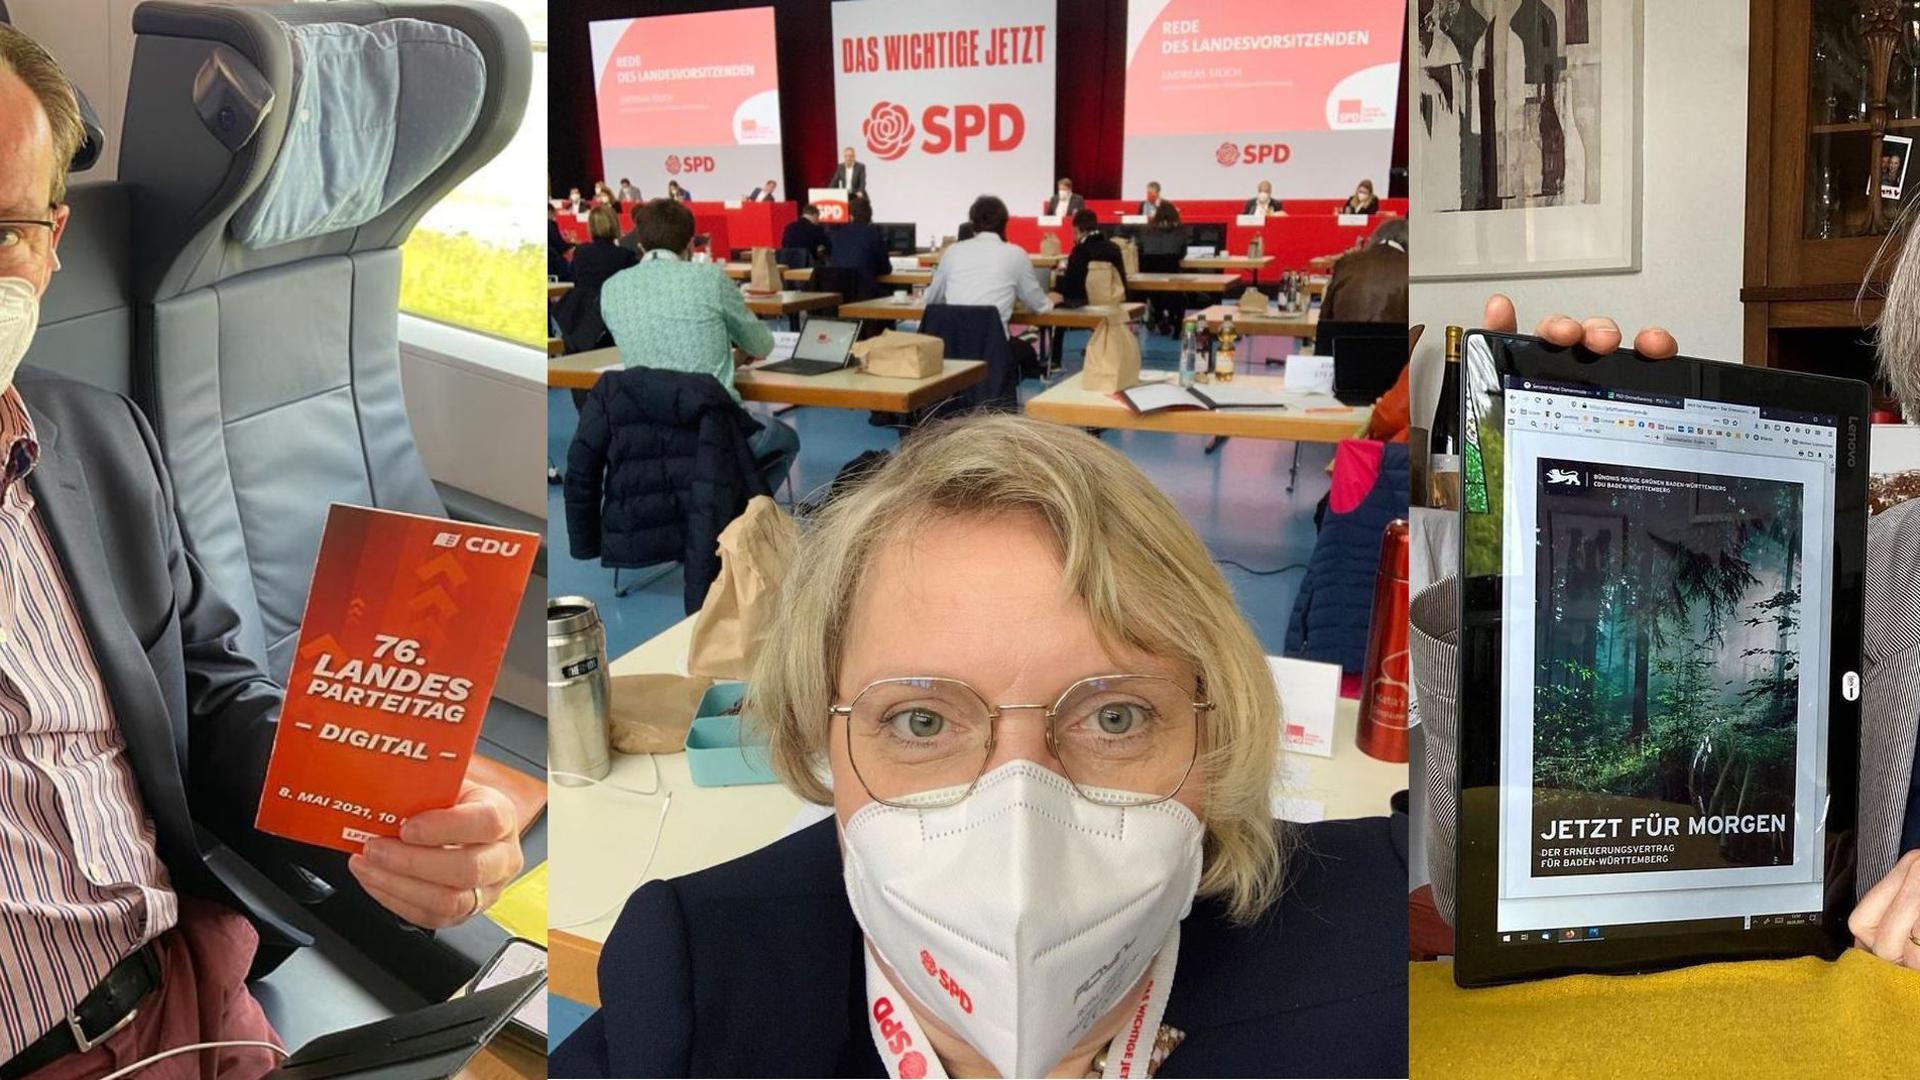 Drei Abgeordnete aus Pforzheim: Gunther Krichbaum loggte sich aus der Bahn beim Parteitag ein, Katja Mast war in Göppingen vor Ort, und Stefanie Seemann stimmte von zuhause über den Koalitionsvertrag im Land ab.